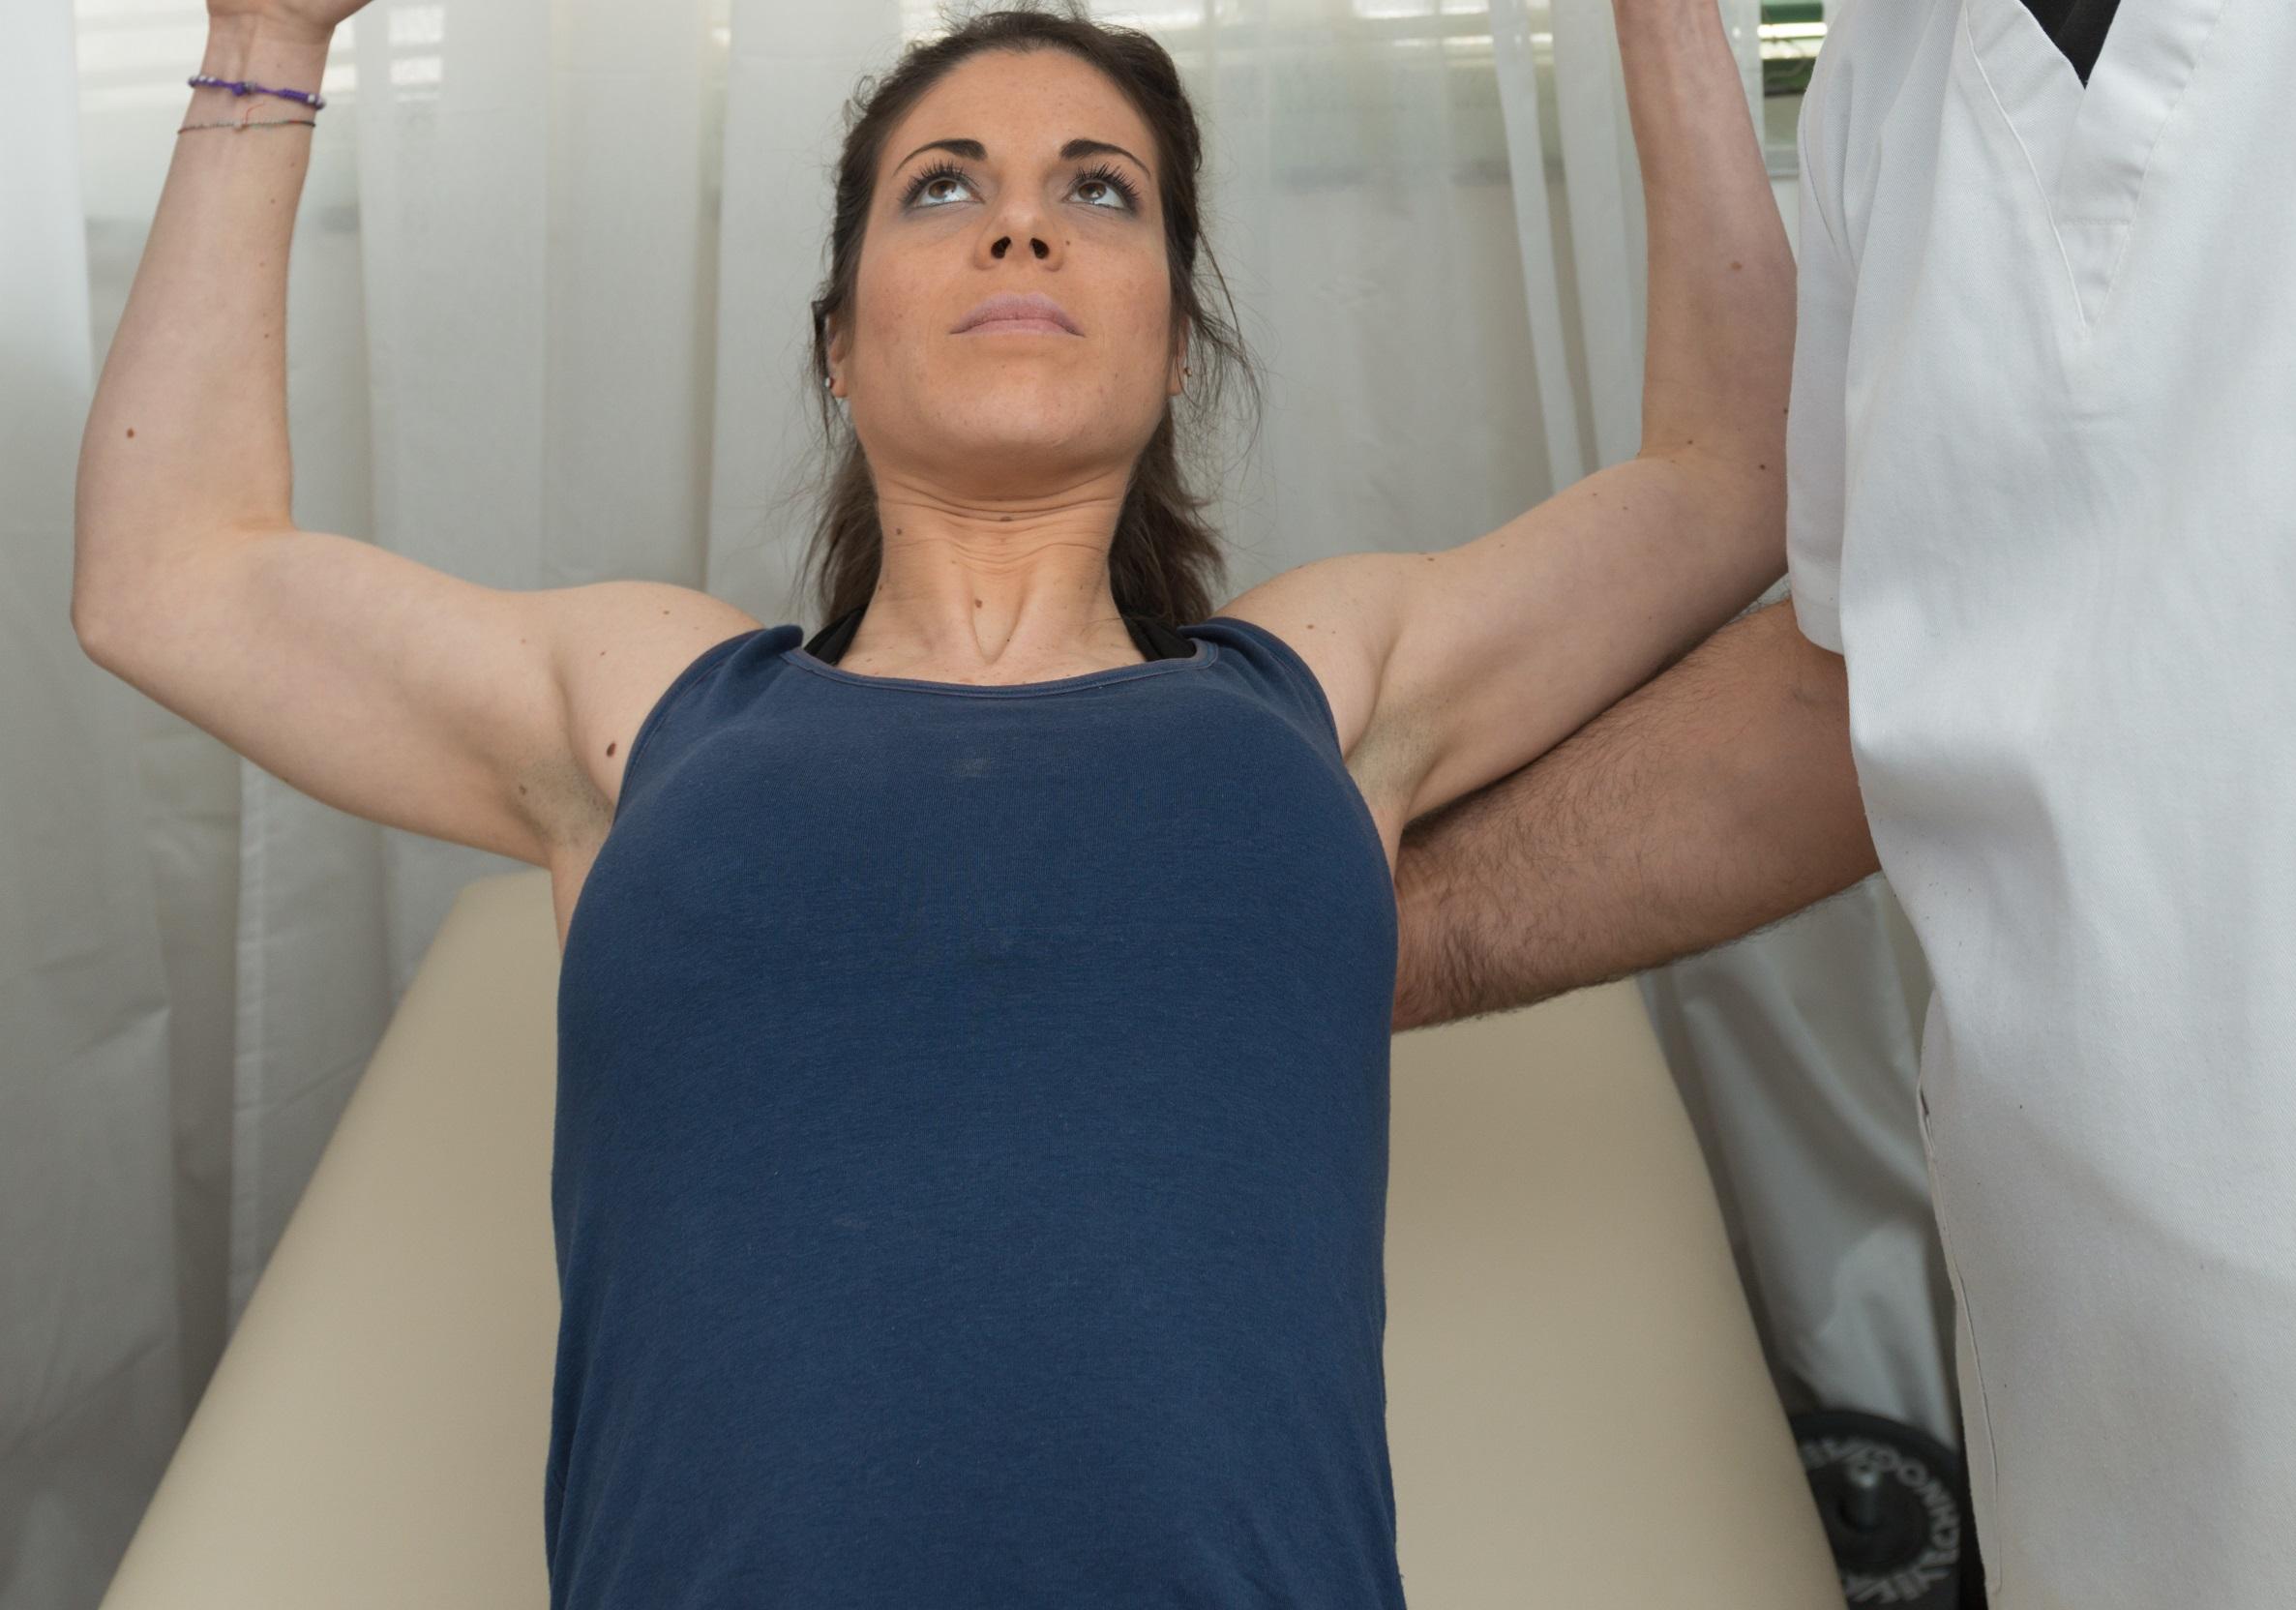 Ginnastica respiratoria diaframmatica-atteggiamenti viziati-paramorfismi-stati ansiosi-blocchi emotivi-concentrazione-rilassamento-Prof. Carmelo Giuffrida-Catania-1